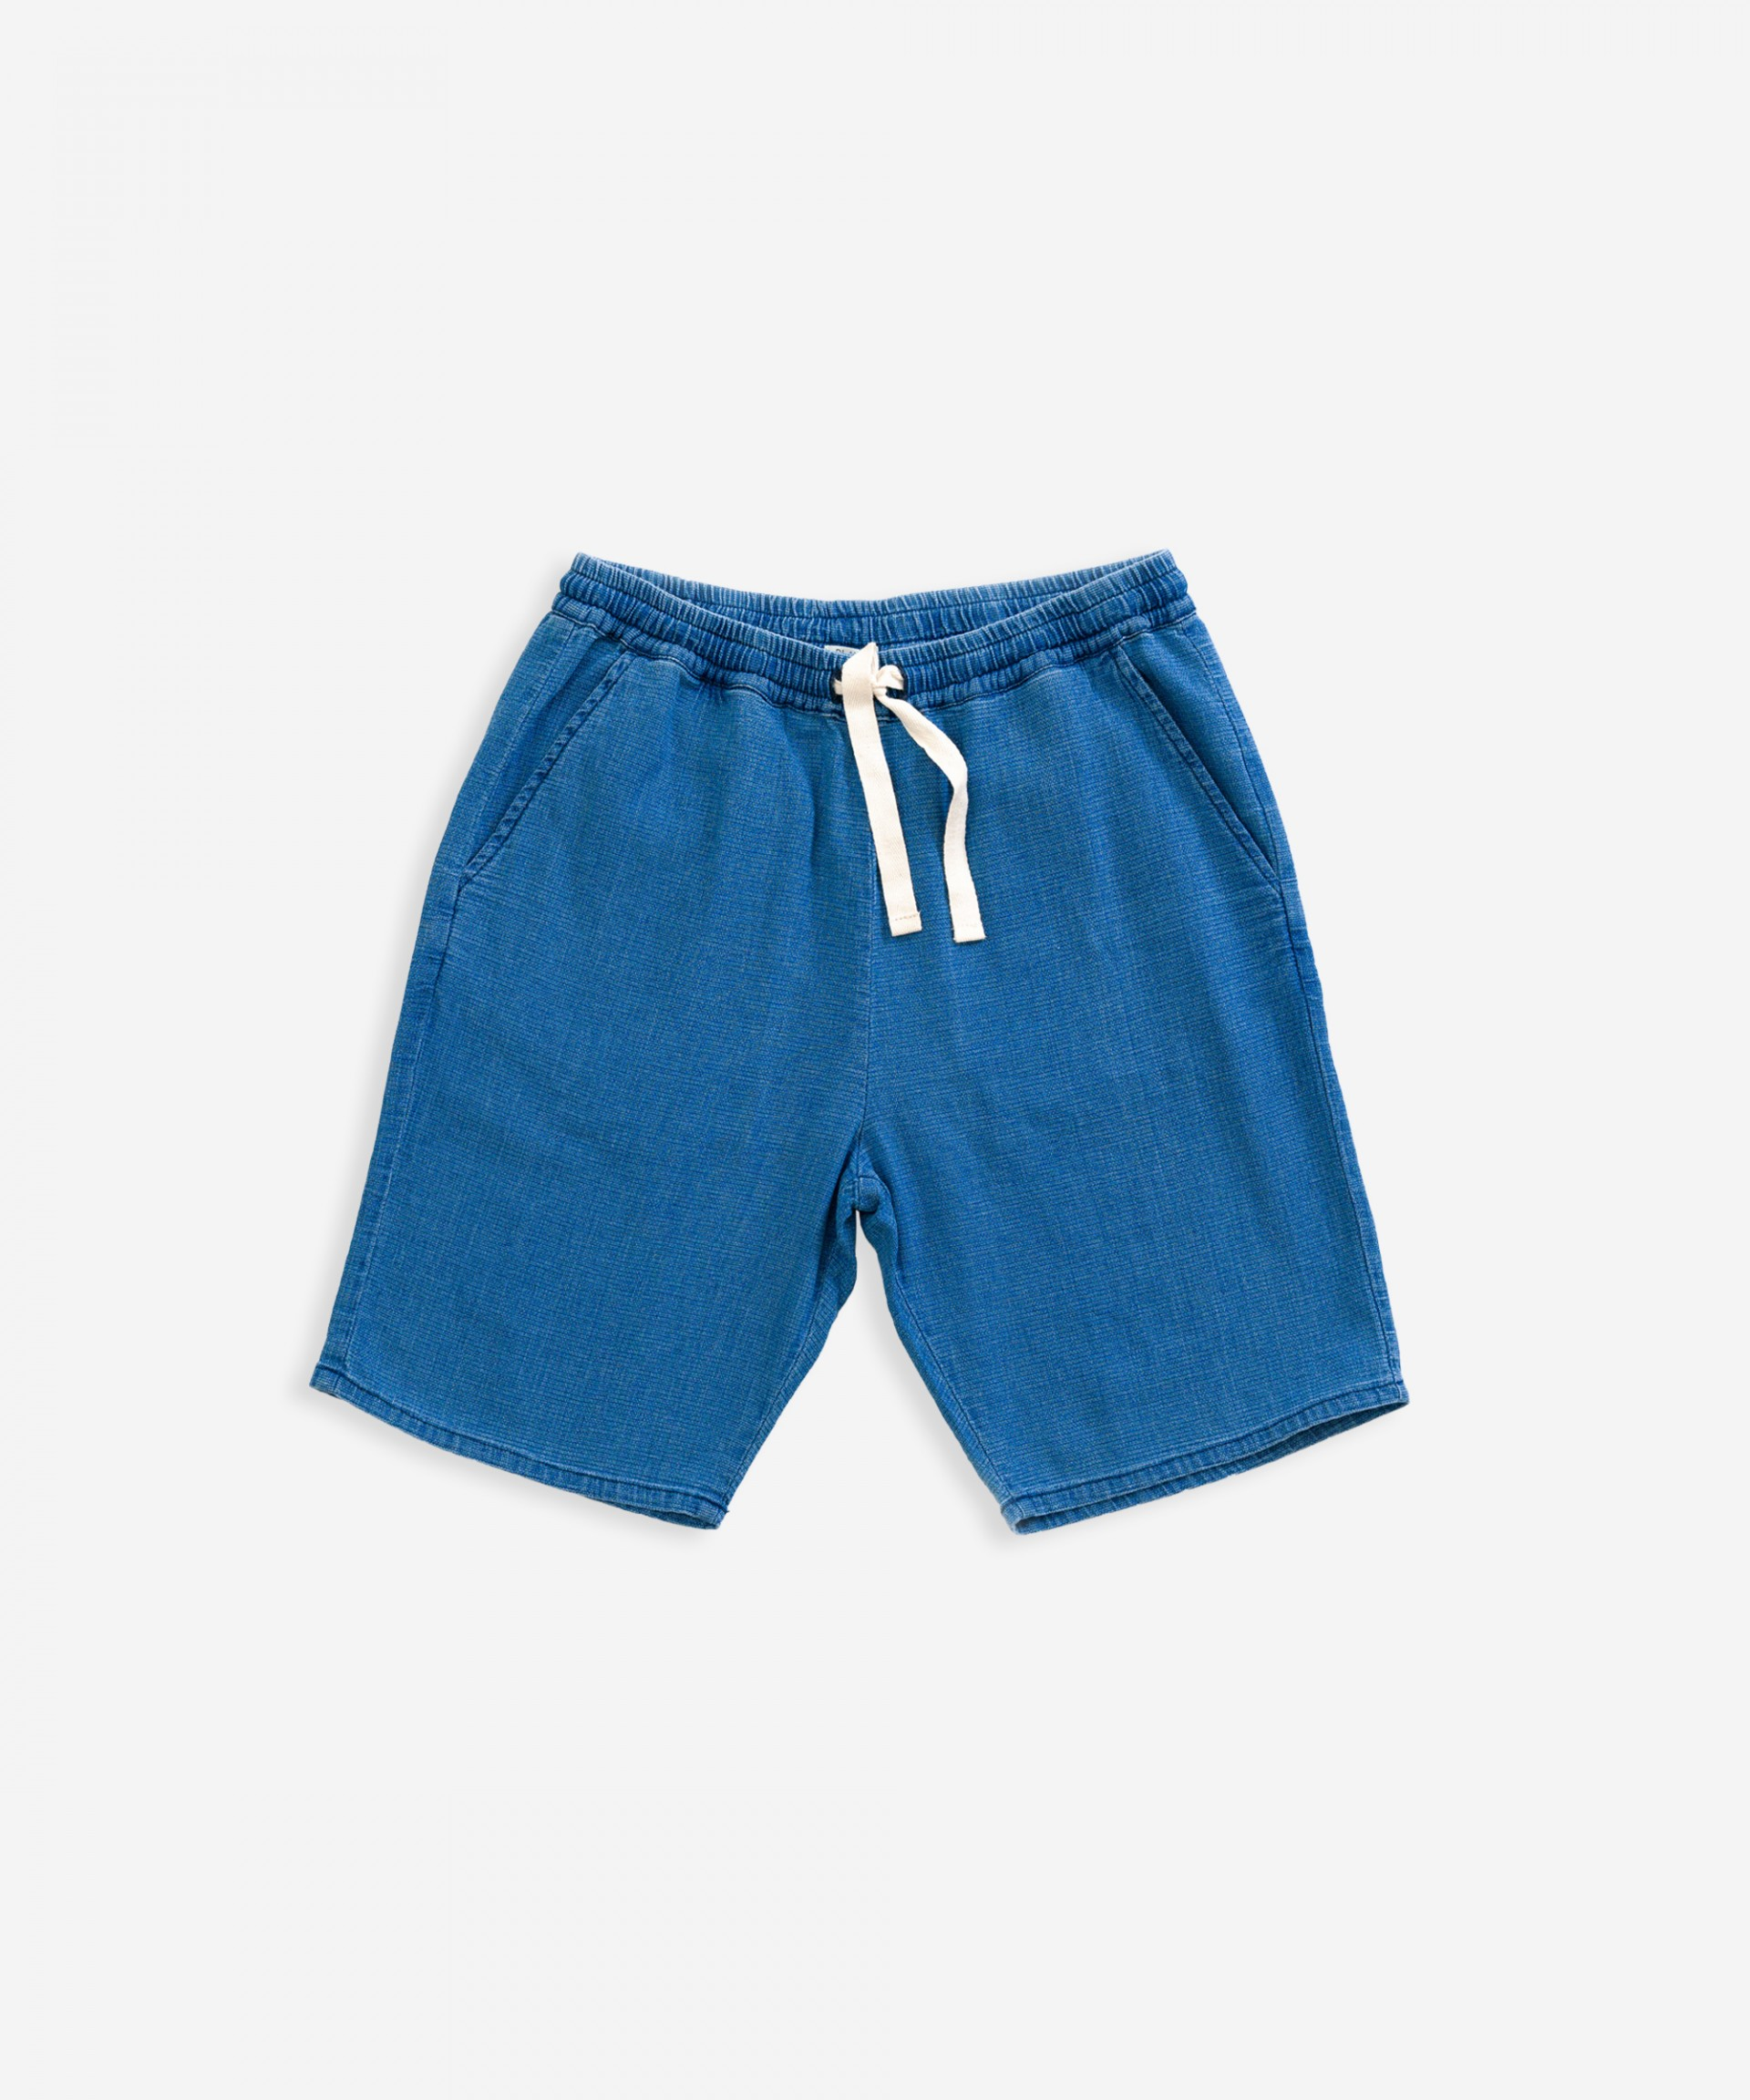 Pantalón corto vaquero con bolsillos| Weaving